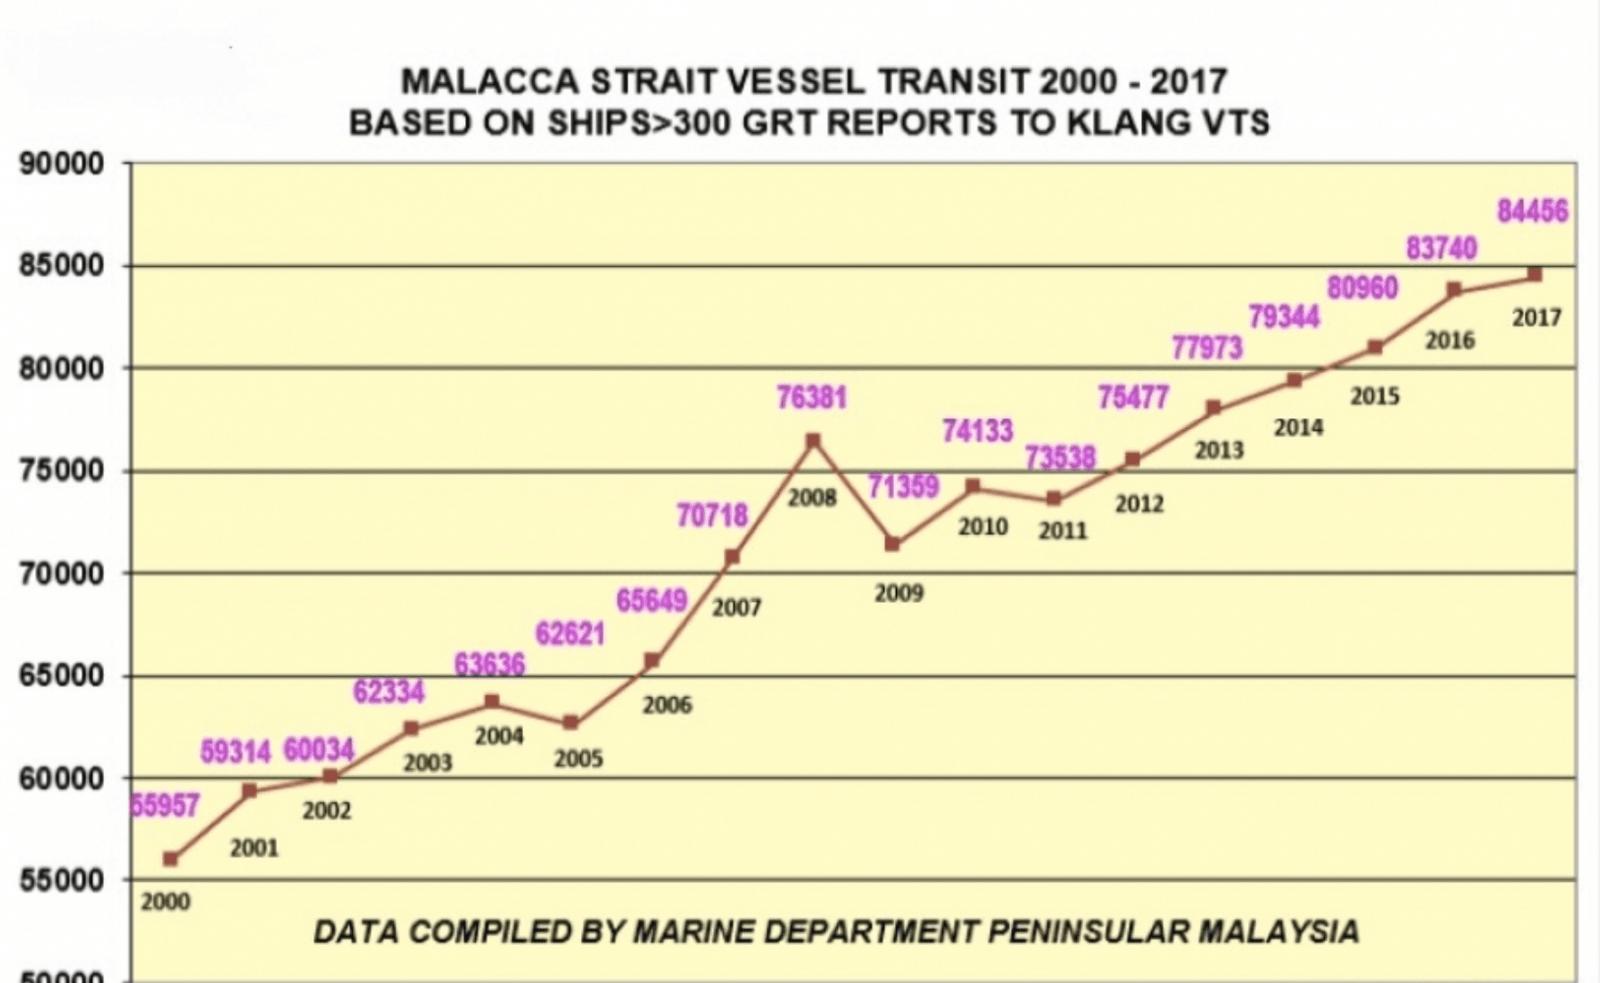 teknik-bilgiler - Ekran Resmi 2018 02 22 21.41.23 - Küresel Deniz Ticareti Analizi